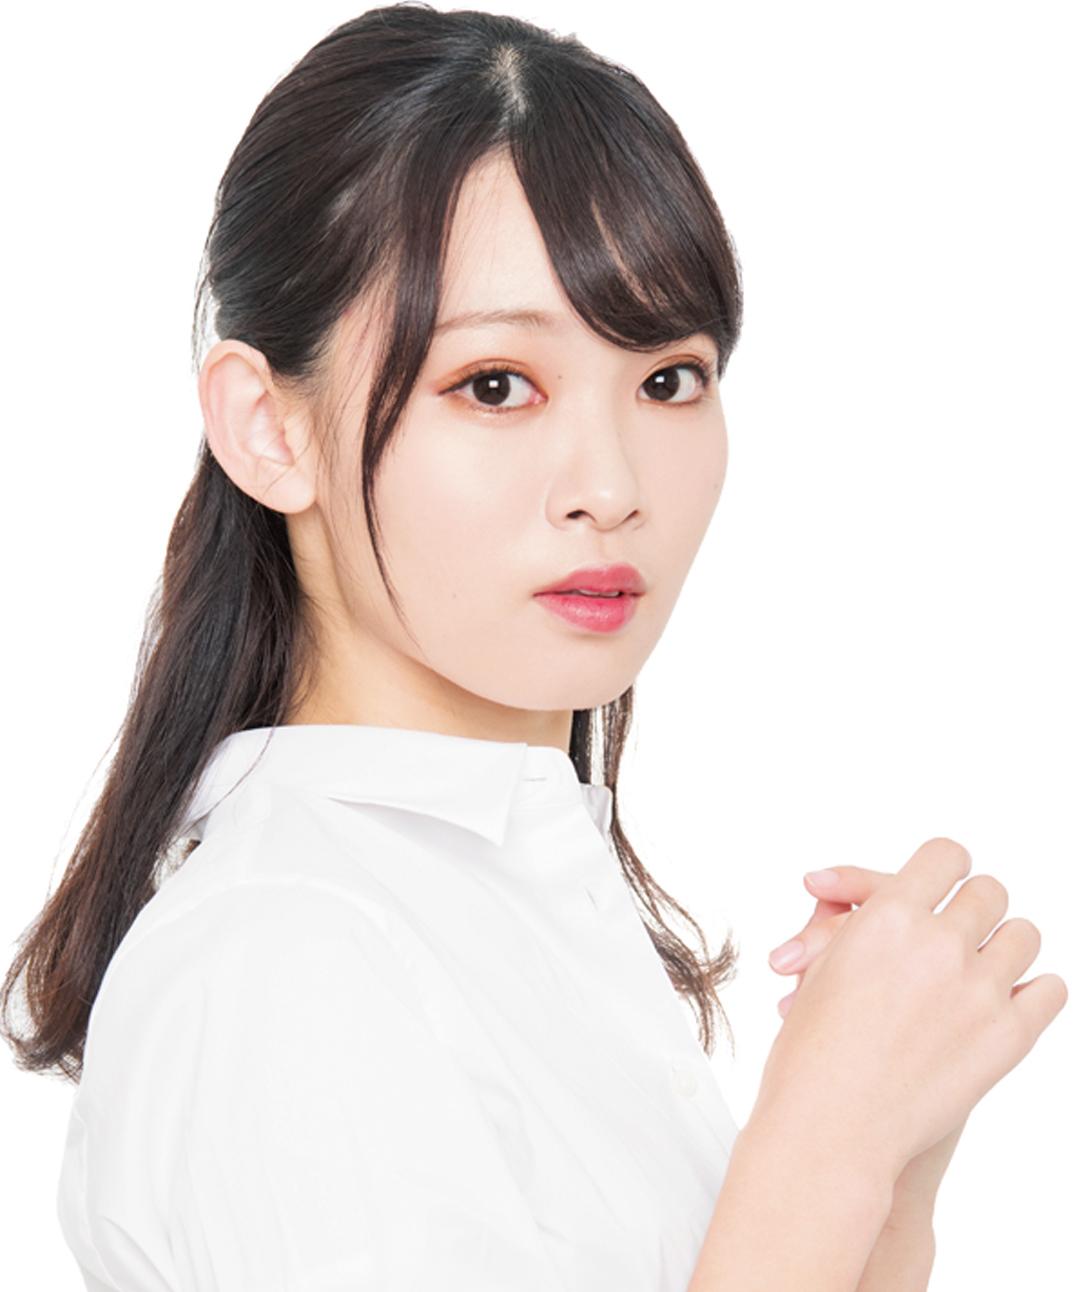 祝♡ 新加入! 5期生のブログをまとめてチェック【カワイイ選抜】_1_13-29